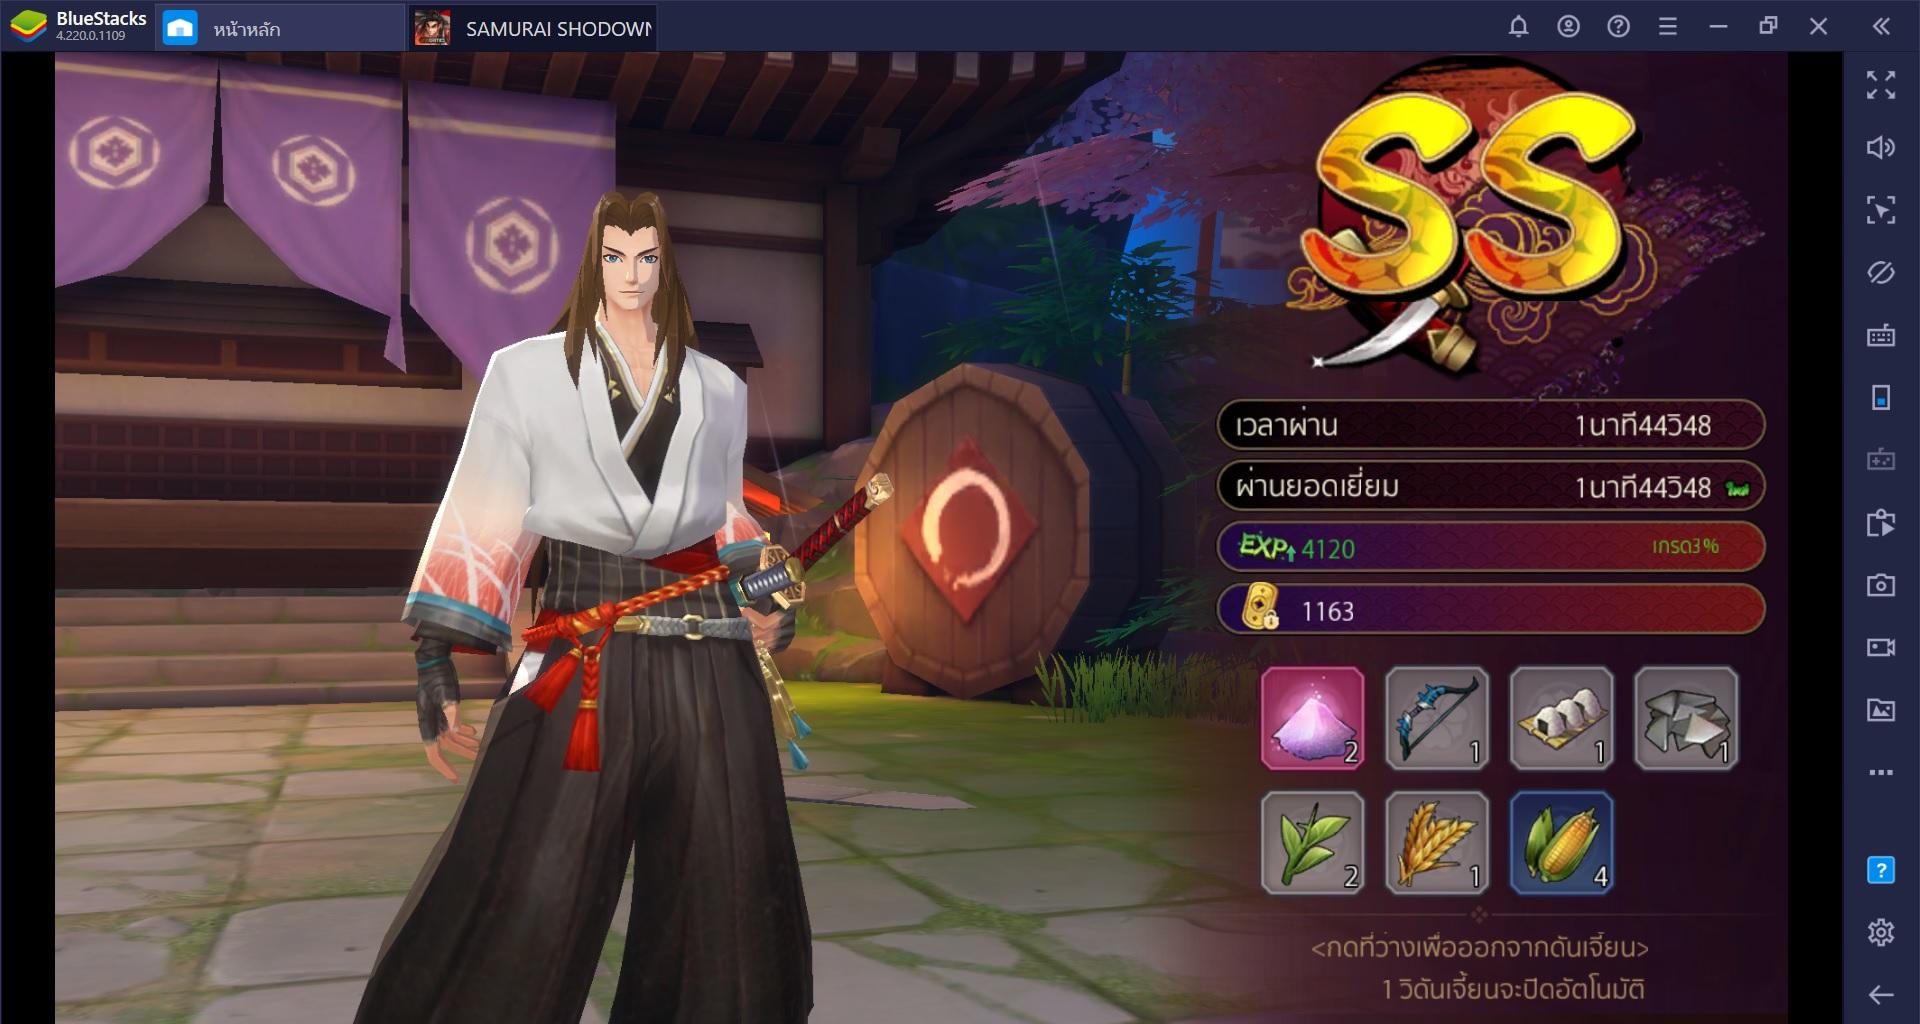 เพราะอะไรถึงต้องเล่น Samurai Shodown ผ่าน BlueStacks